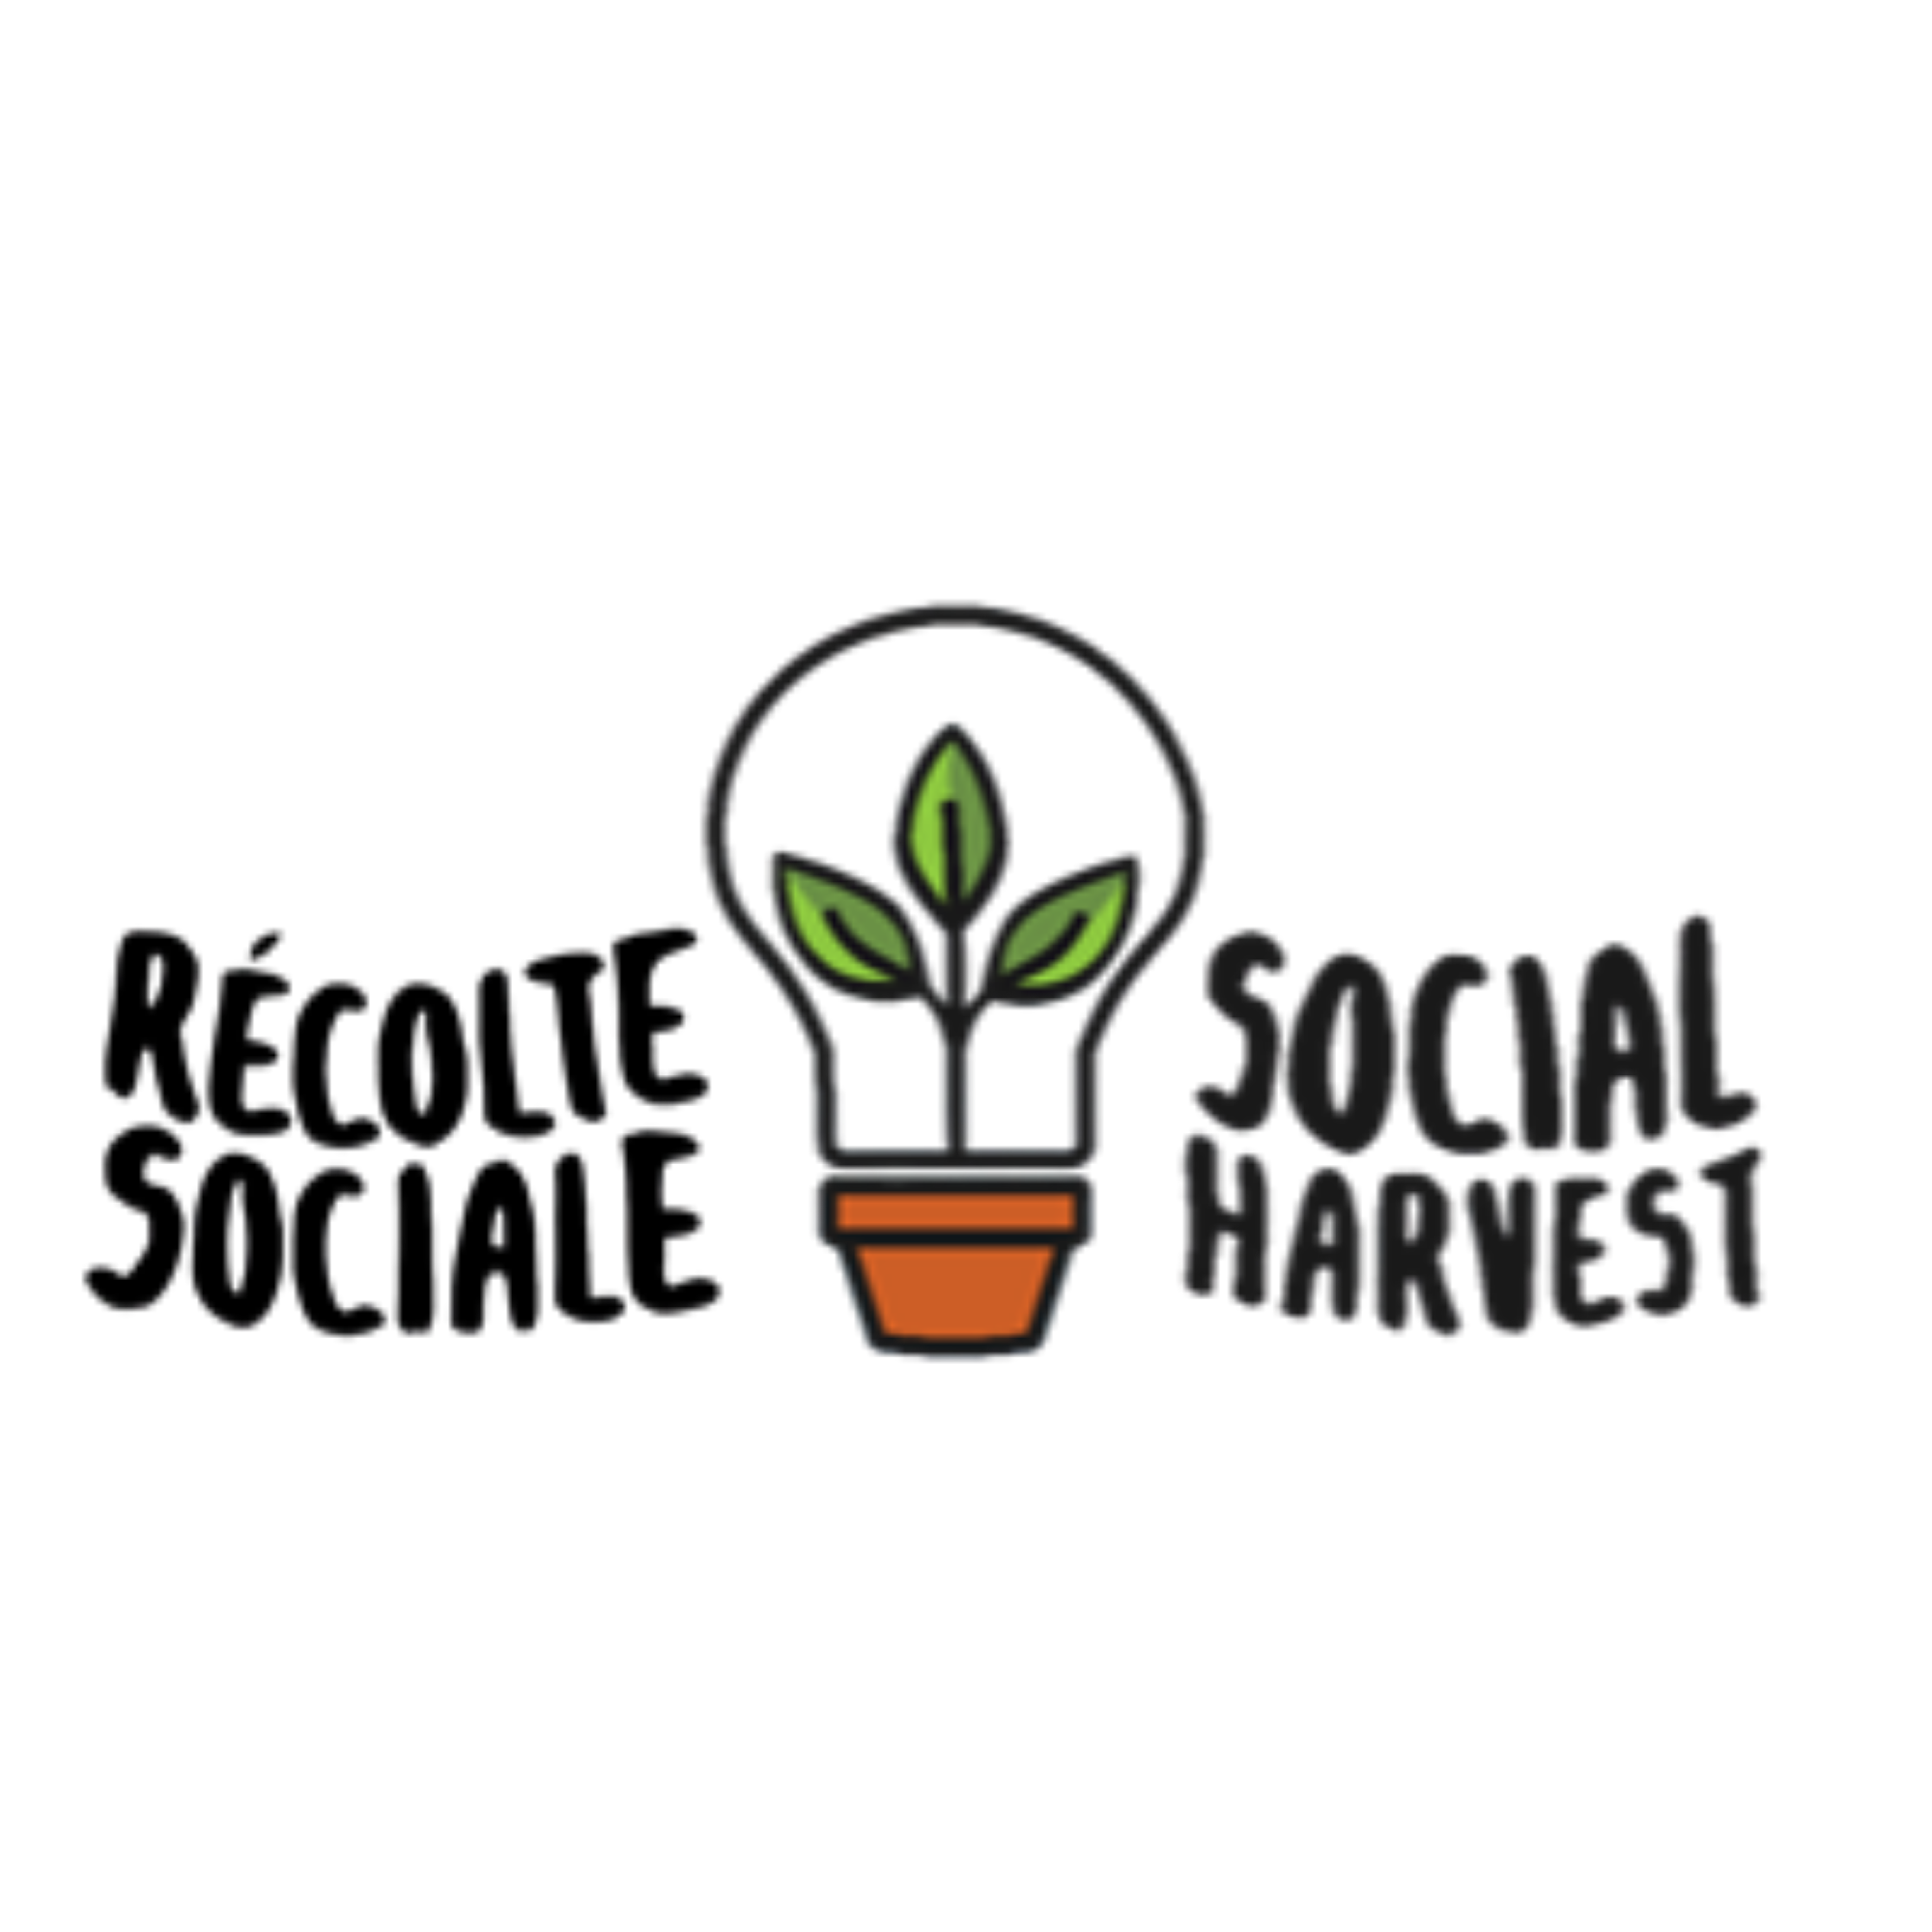 Social Harvest / Récolte Sociale